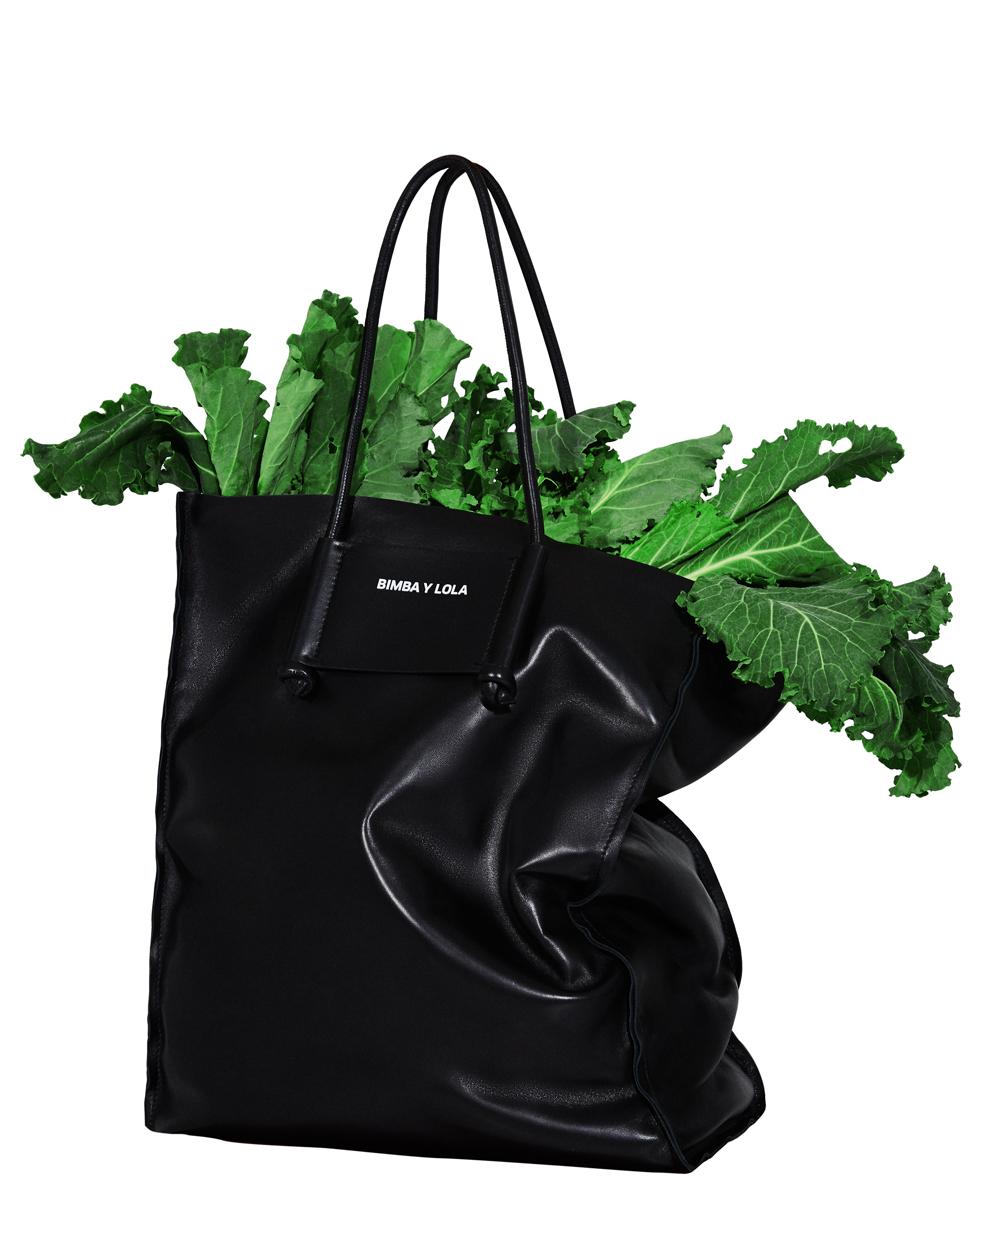 Shopper Bag, $1,050